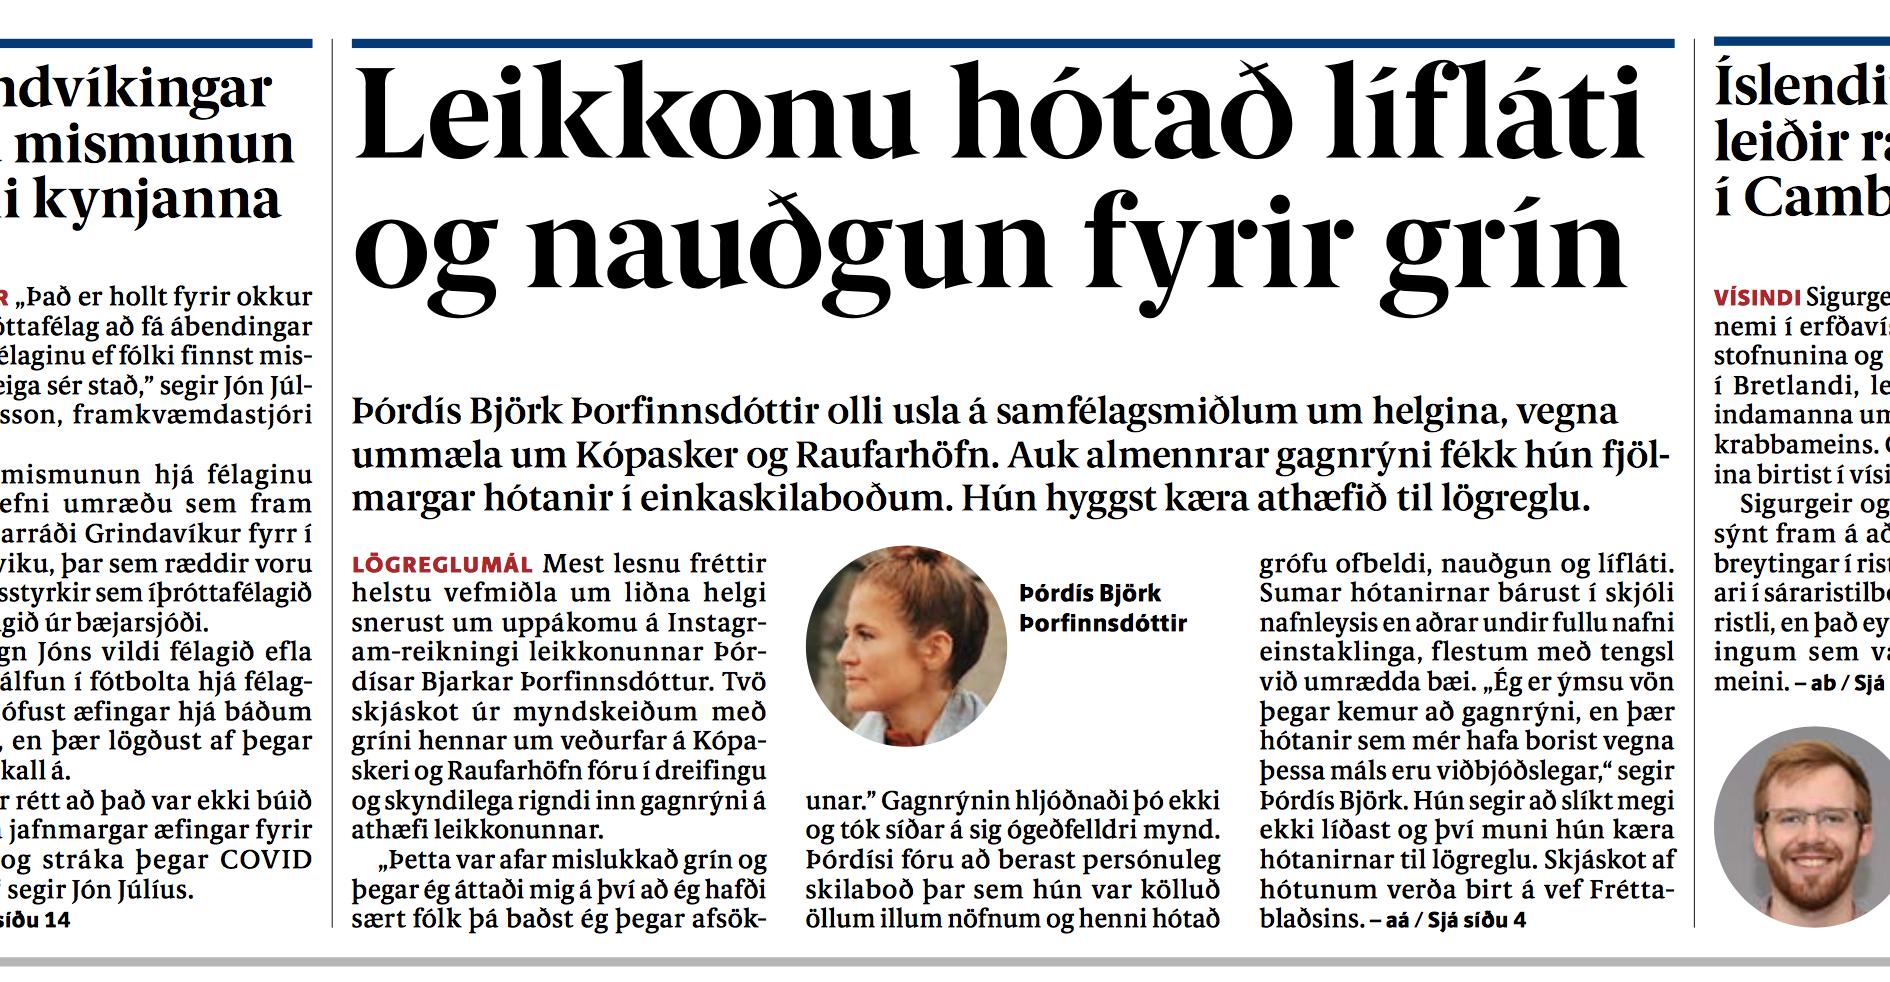 Fréttablaðið flokkar hatursorðræðu sem grín: Ekki sama Jón og séra Jón